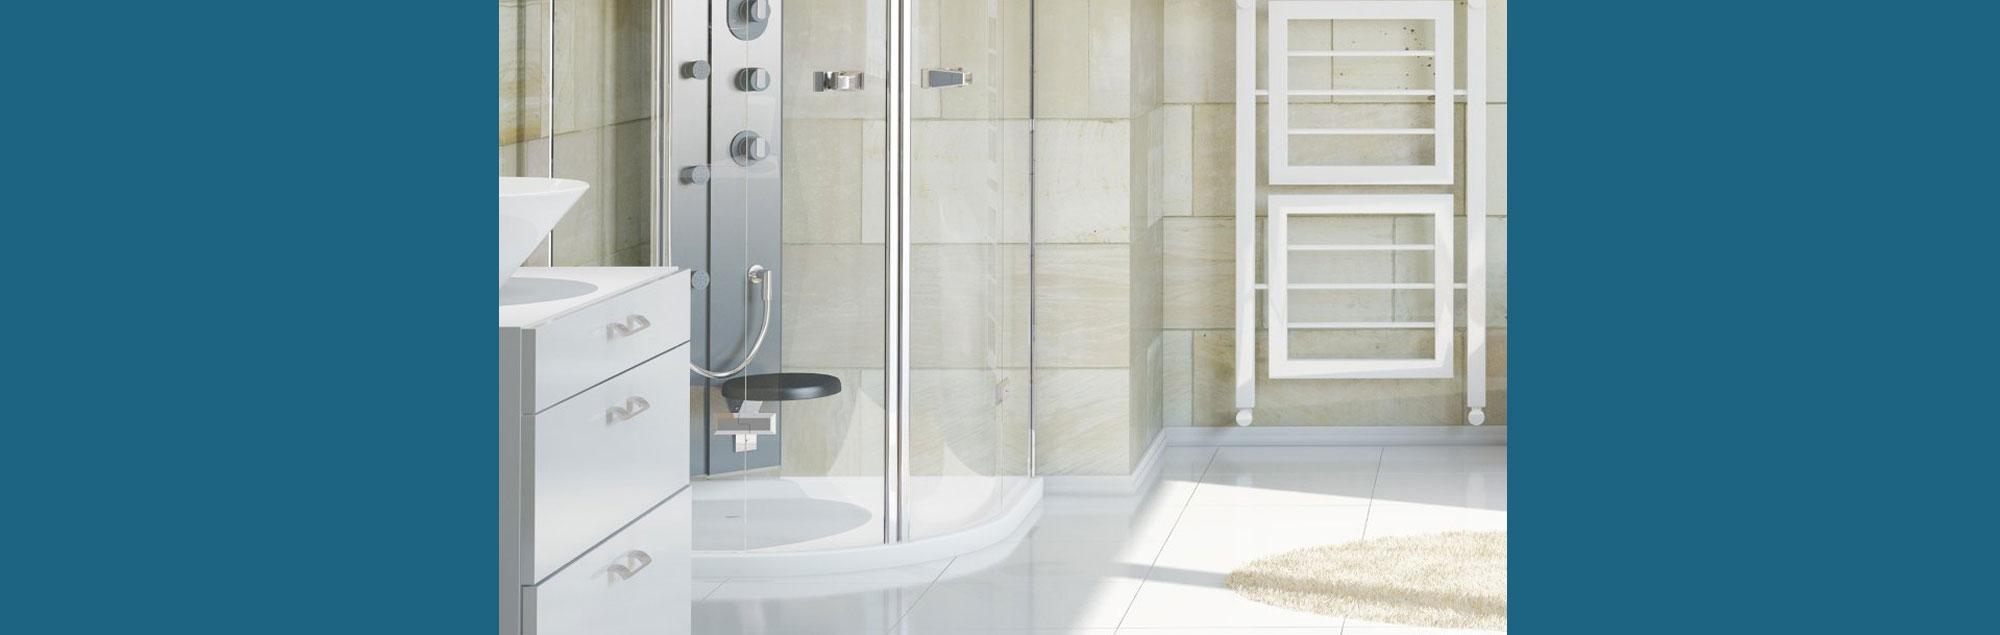 Full Size of Glastür Dusche Duschtrscharniere Und Zubehr Aus Metall Fr Glasanwendungen 80x80 Begehbare Duschen Ebenerdig Grohe Thermostat Antirutschmatte Bidet Einbauen Dusche Glastür Dusche